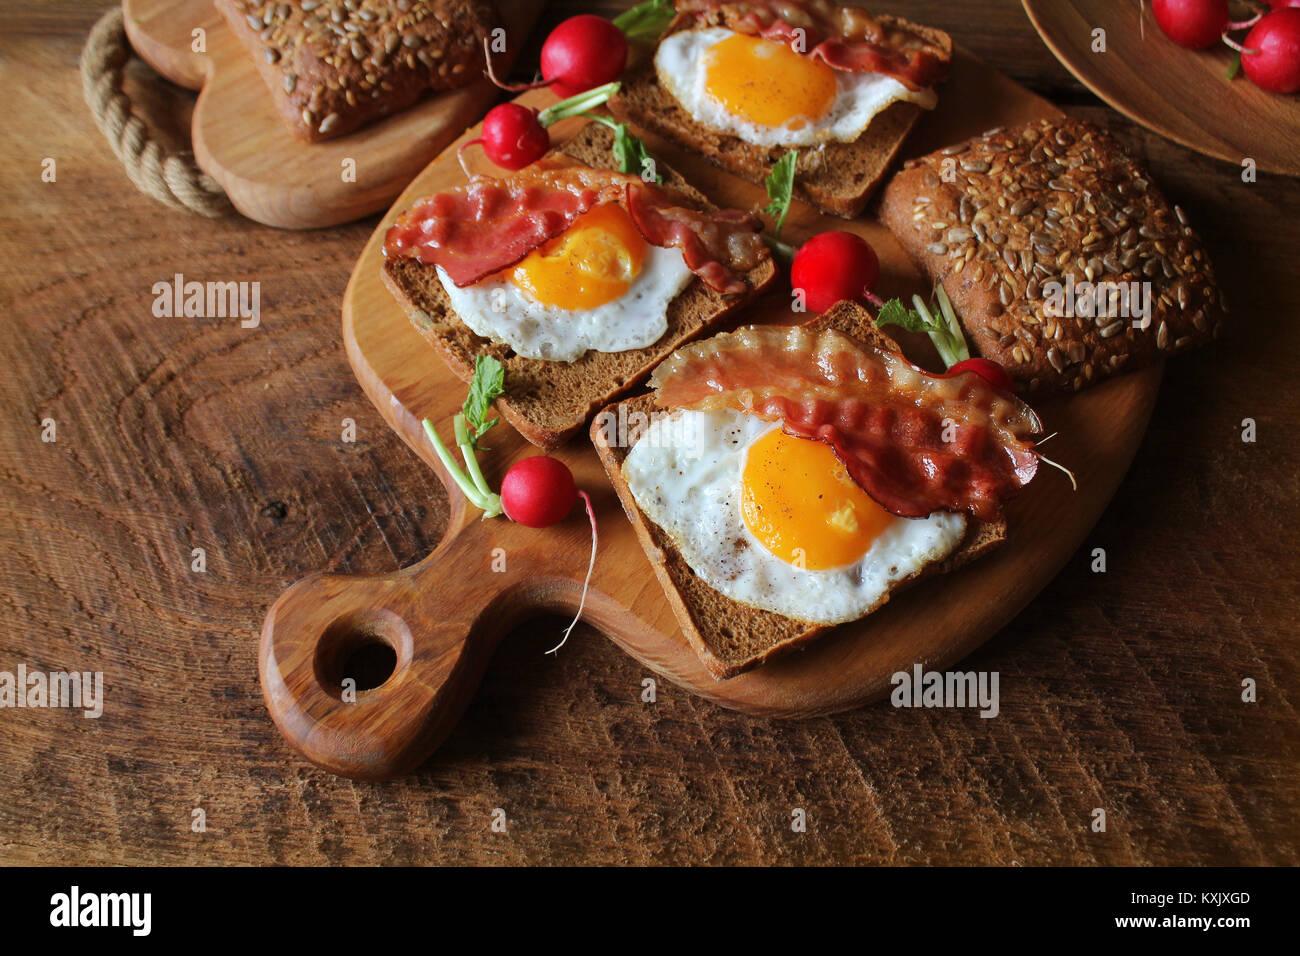 La prima colazione di bacon croccante, uova fritte e pane. Sandwich sul bordo di taglio. Tavolo rustico Immagini Stock